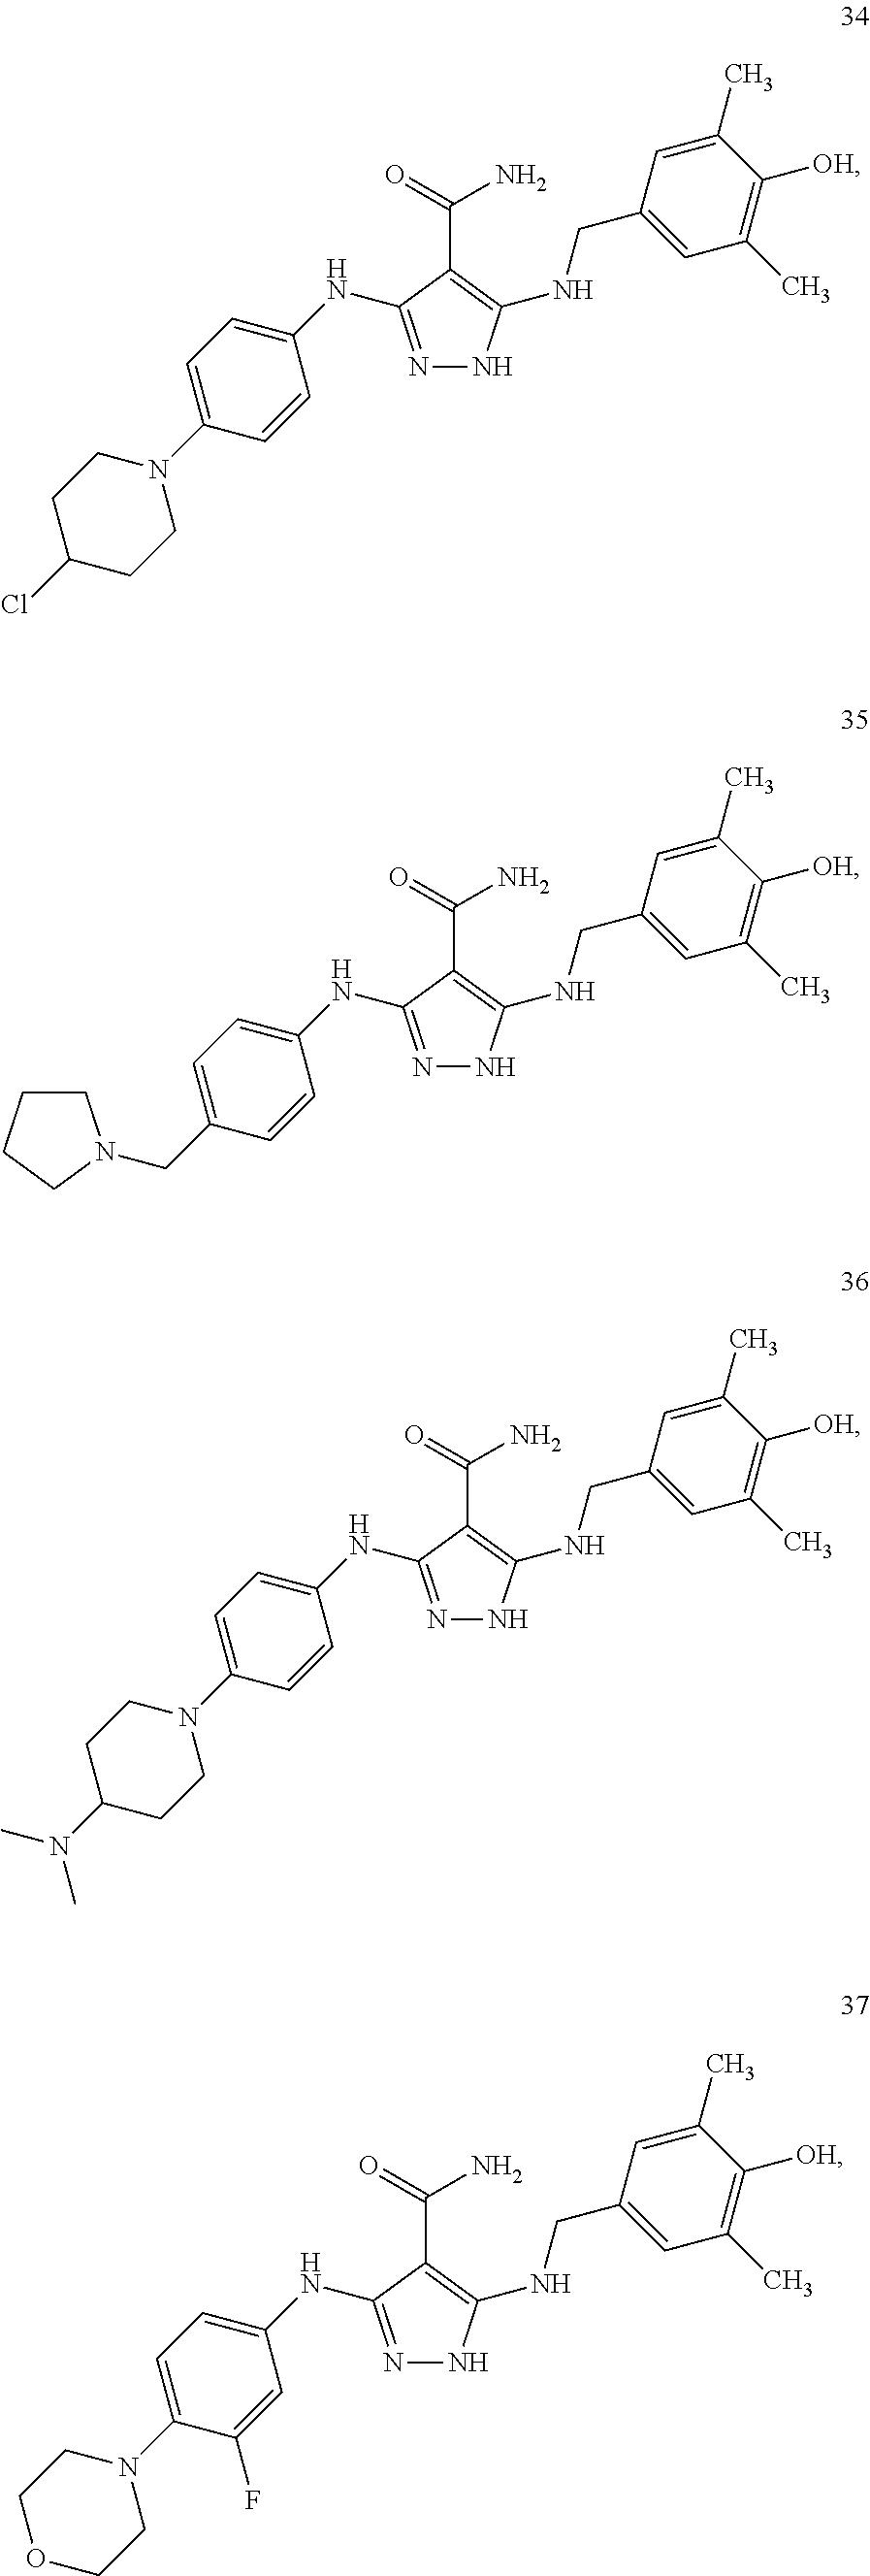 Figure US09730914-20170815-C00023